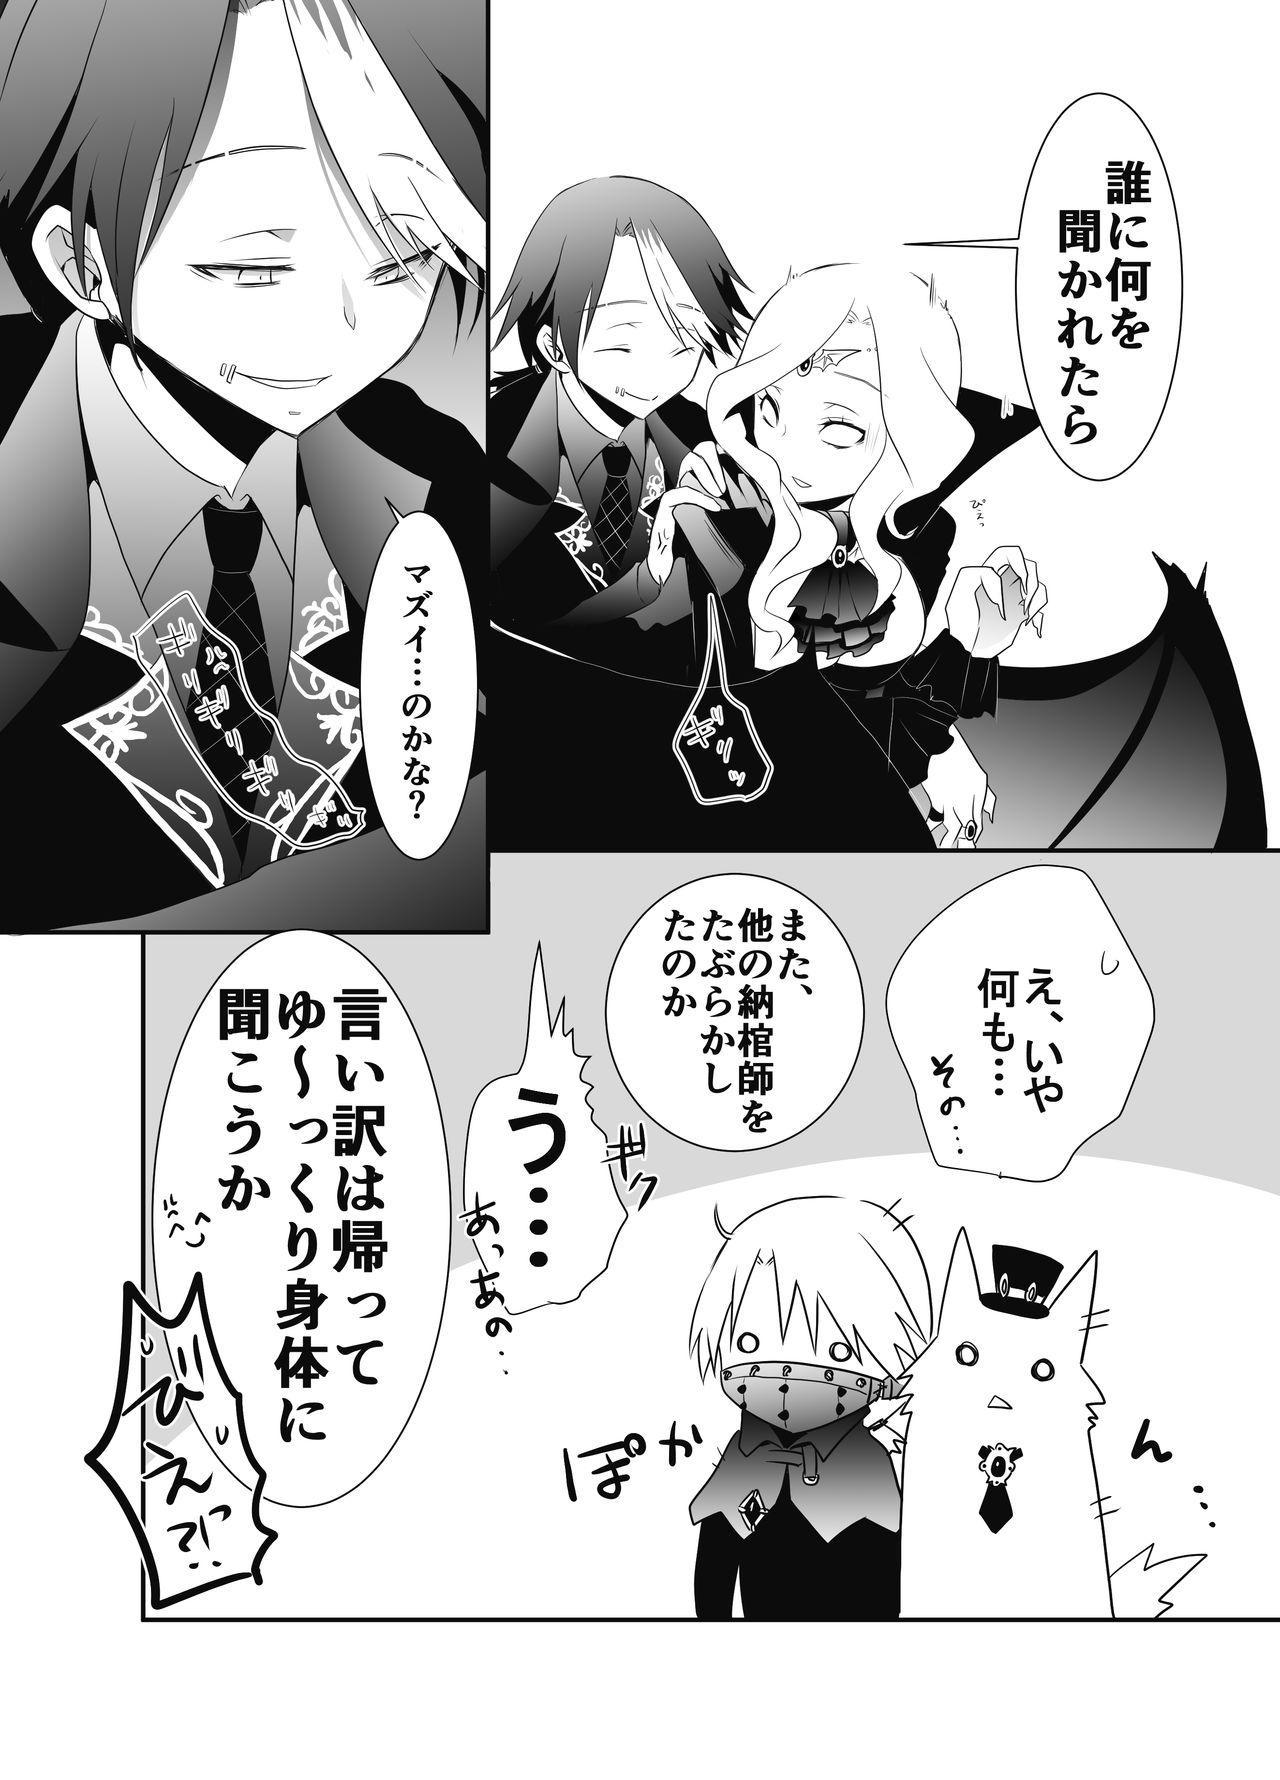 Exorcist-kun wa Gekka no Mono desu! 15